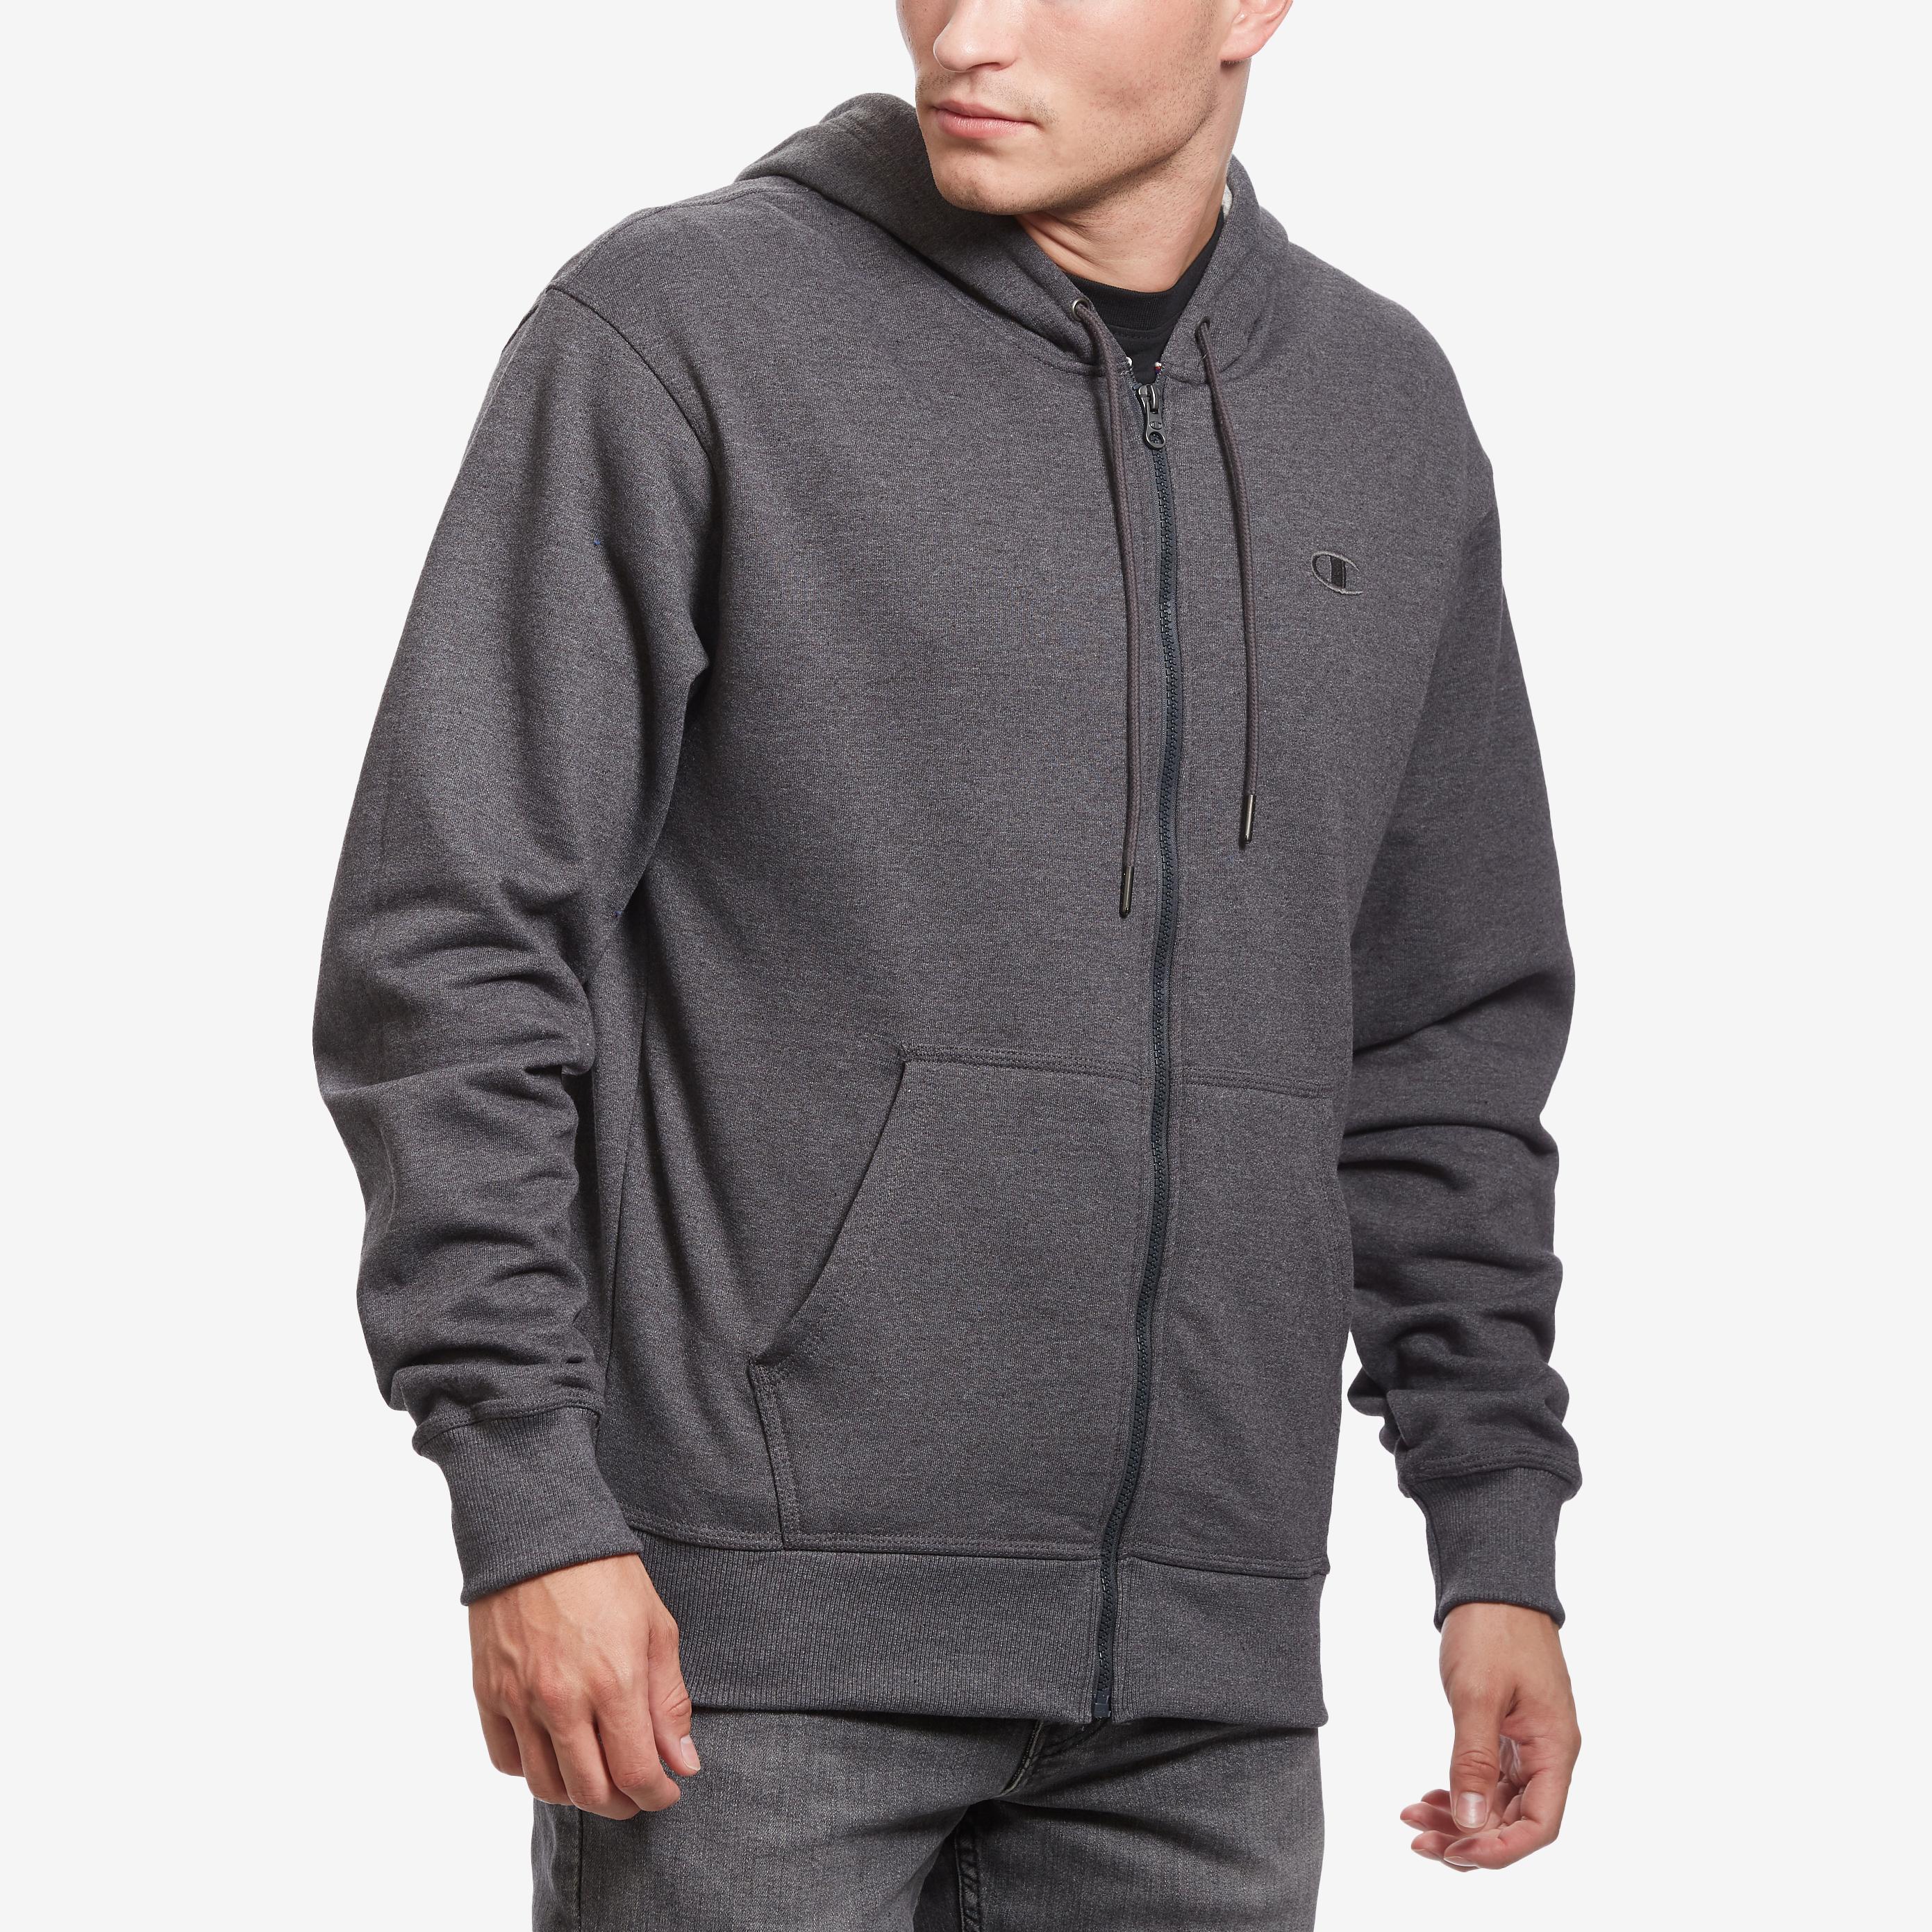 Men's Powerblend Sweats Full Zip Jacket